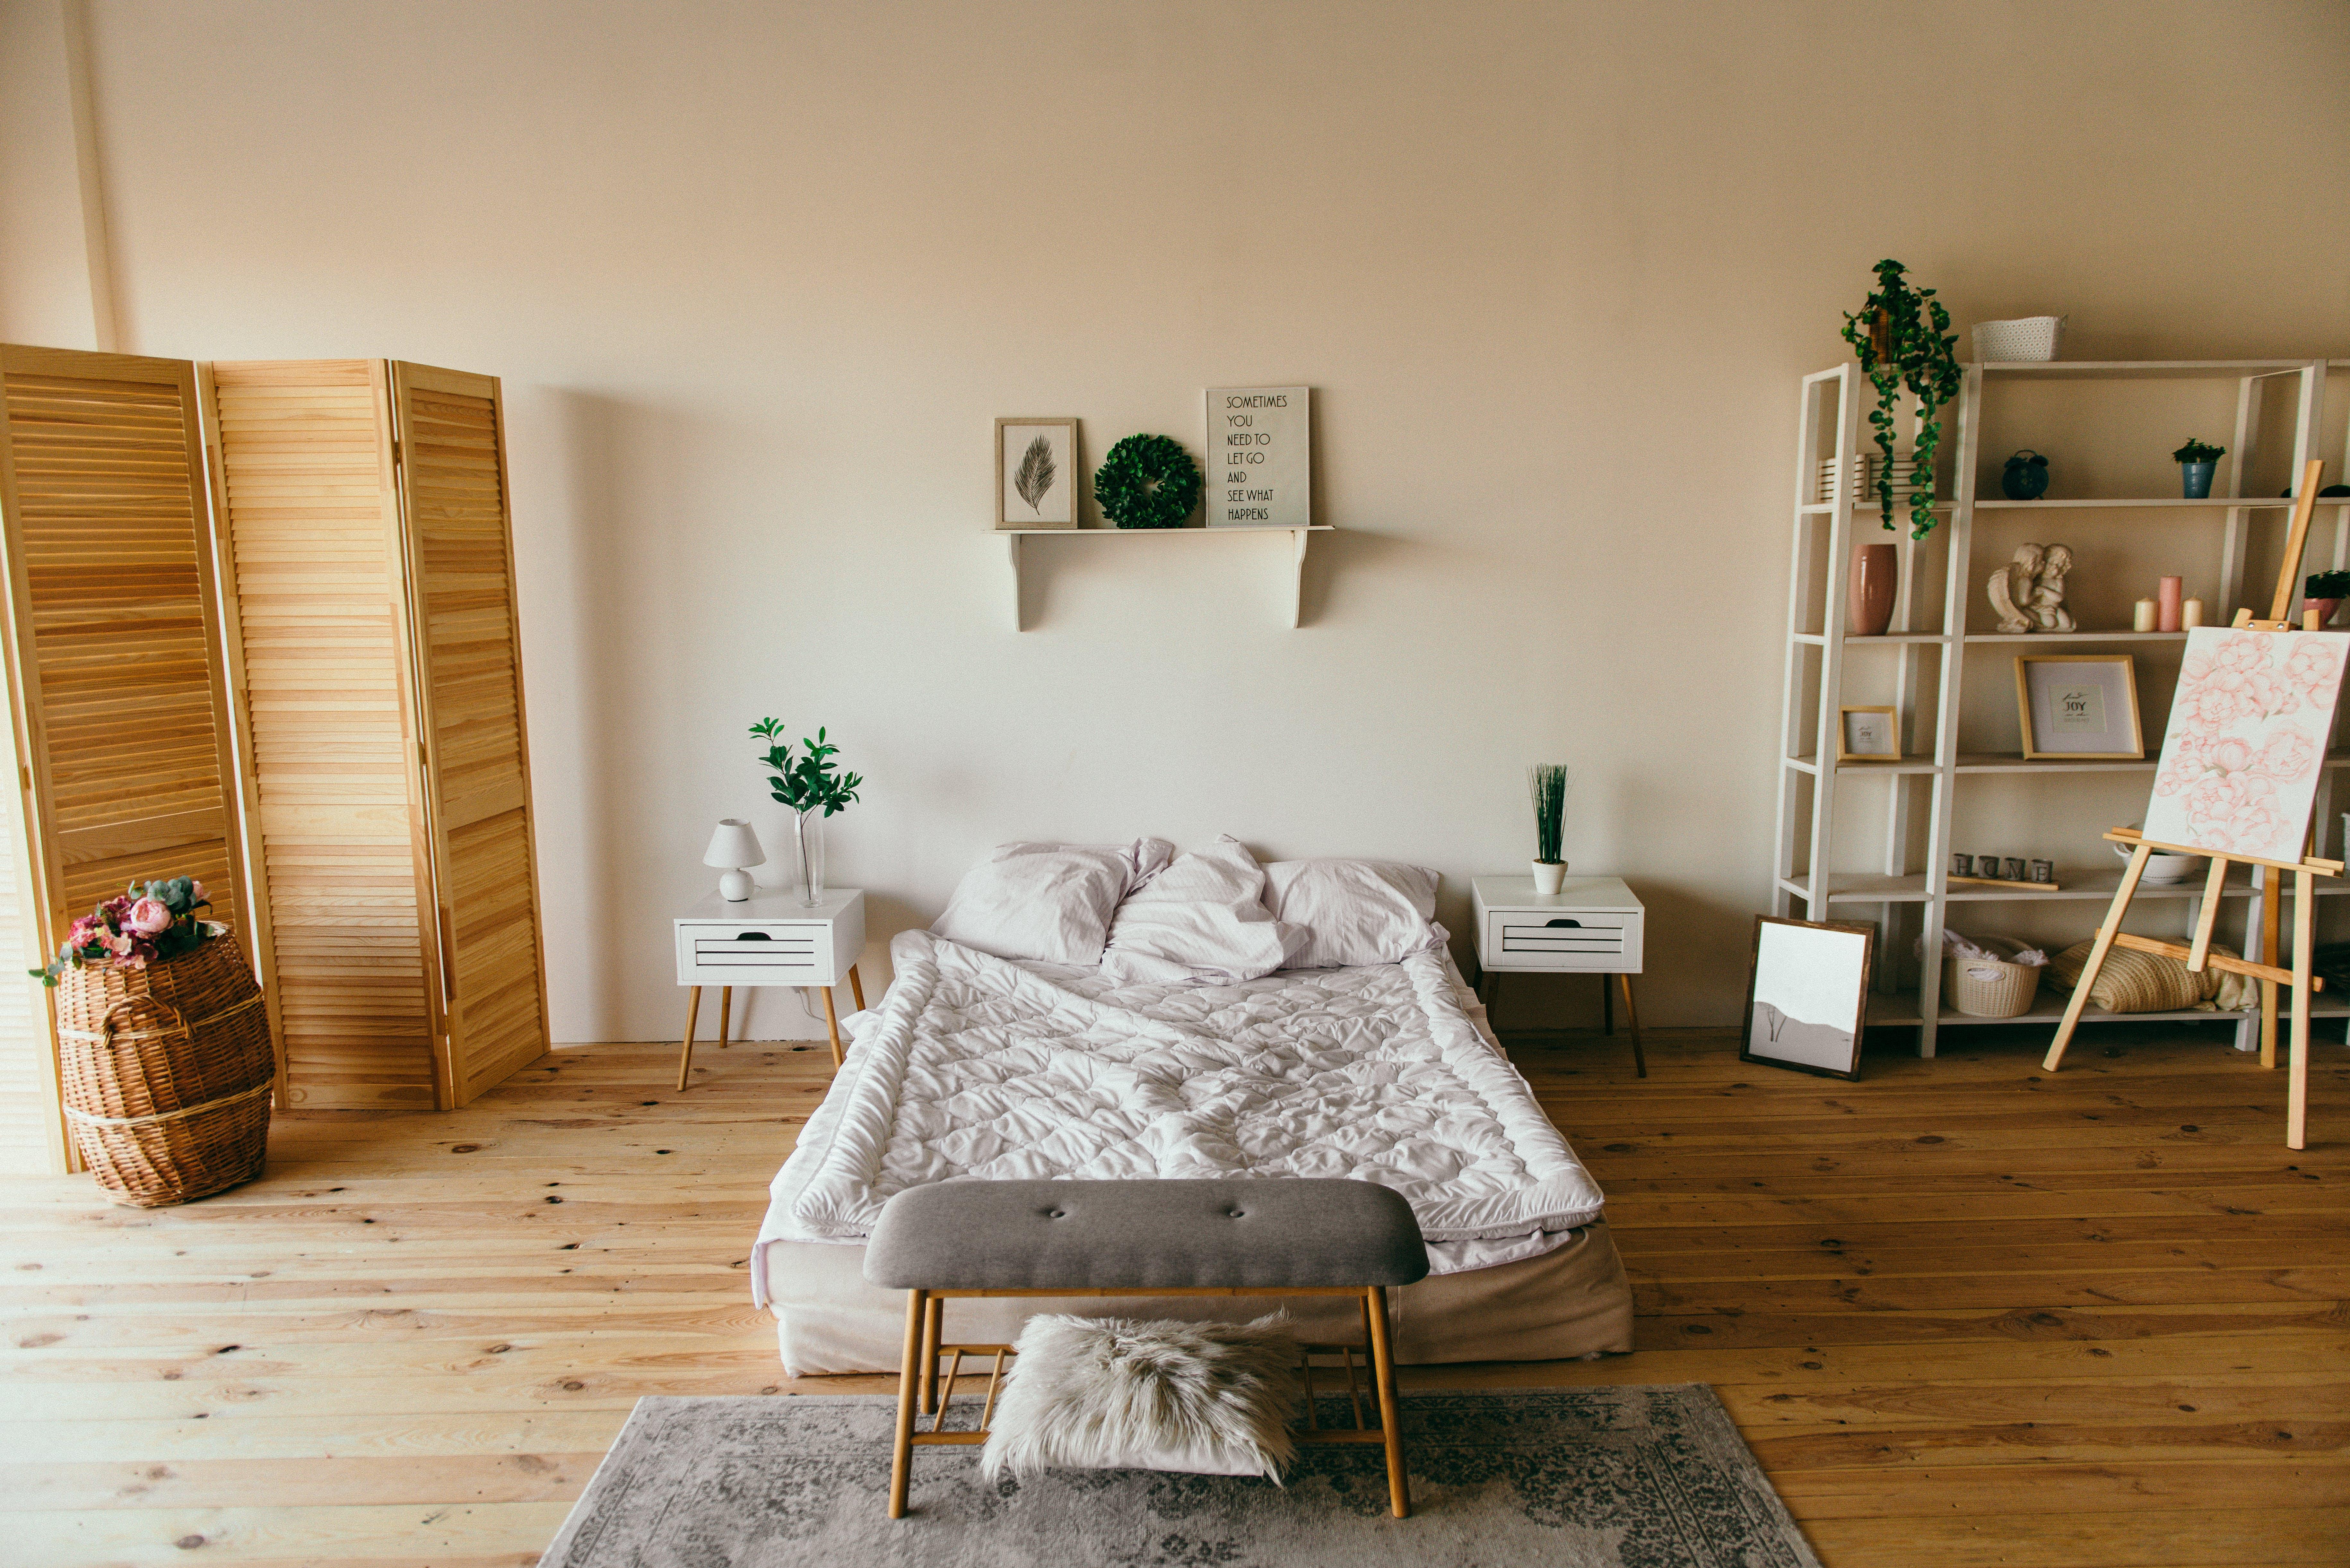 apartmán, design, design interiéru